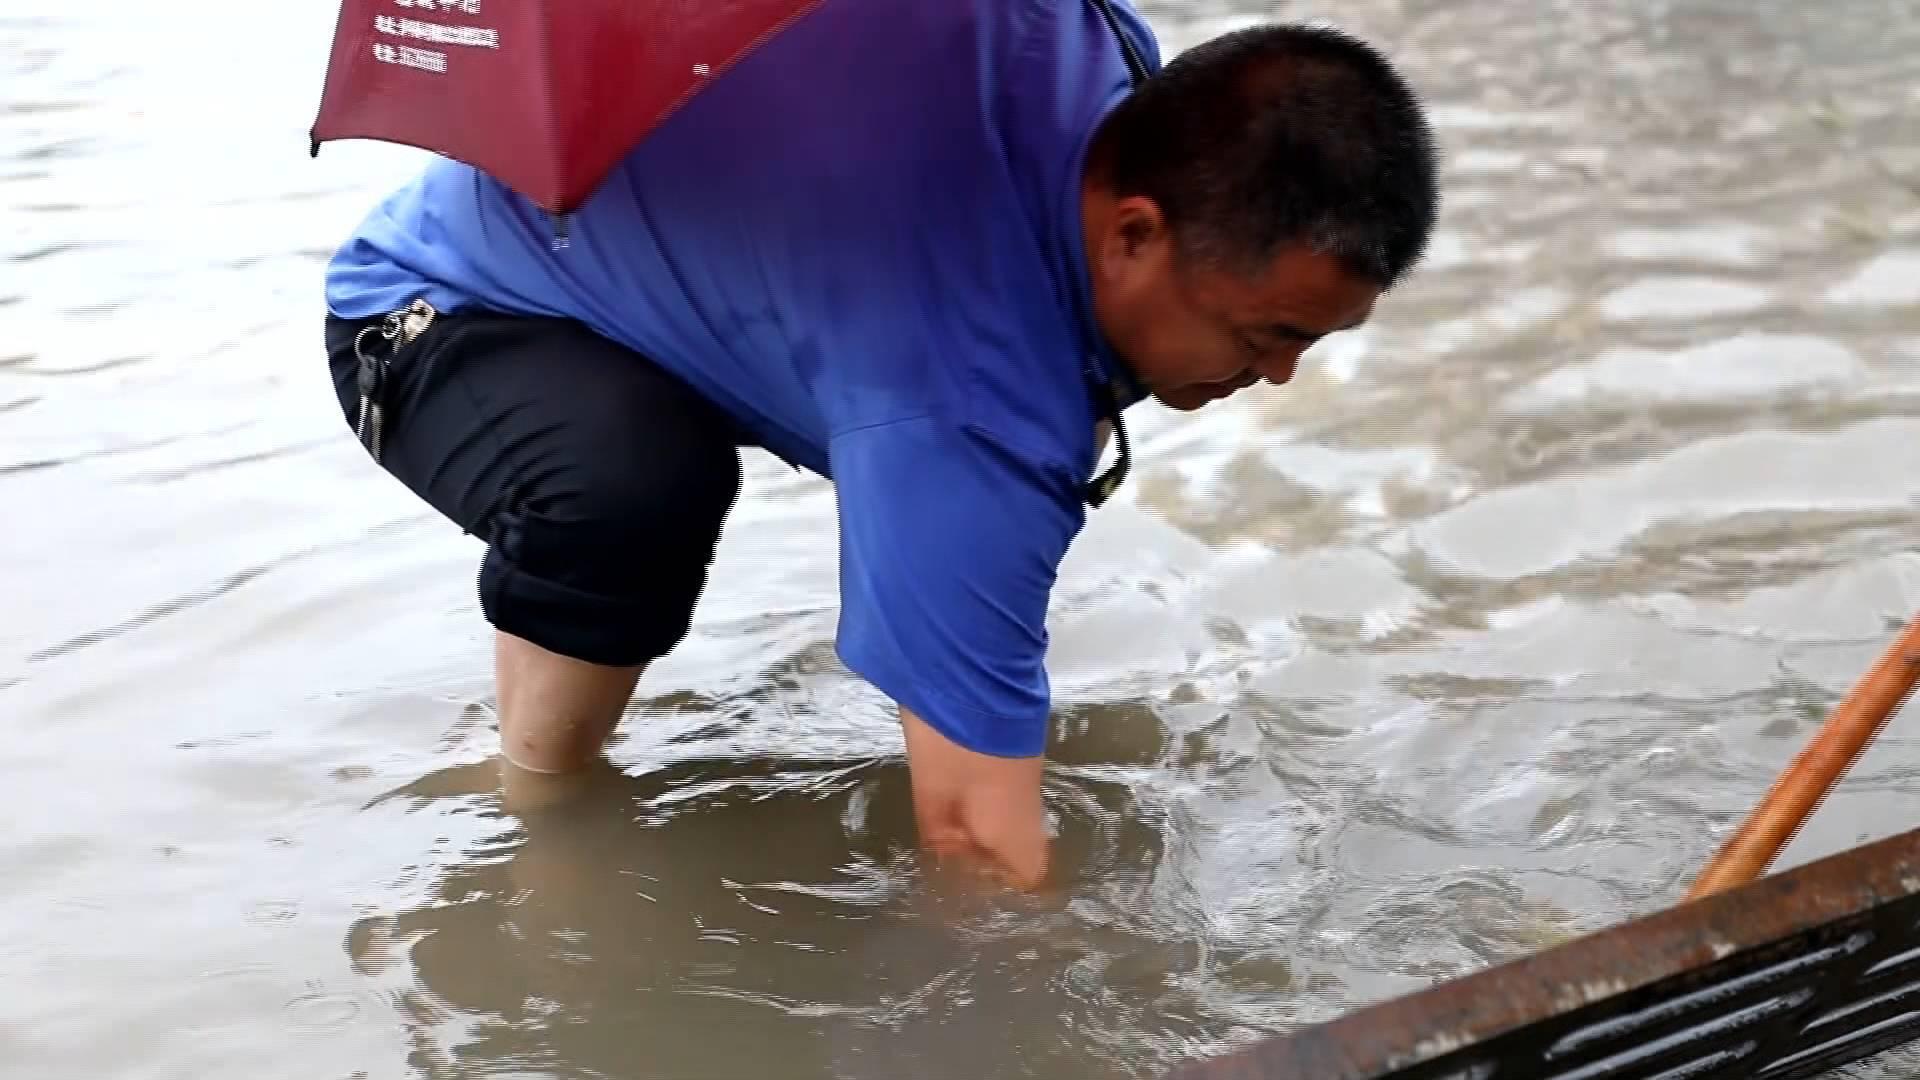 微视频丨防汛不放松!山东全力做好防洪抢险应急准备